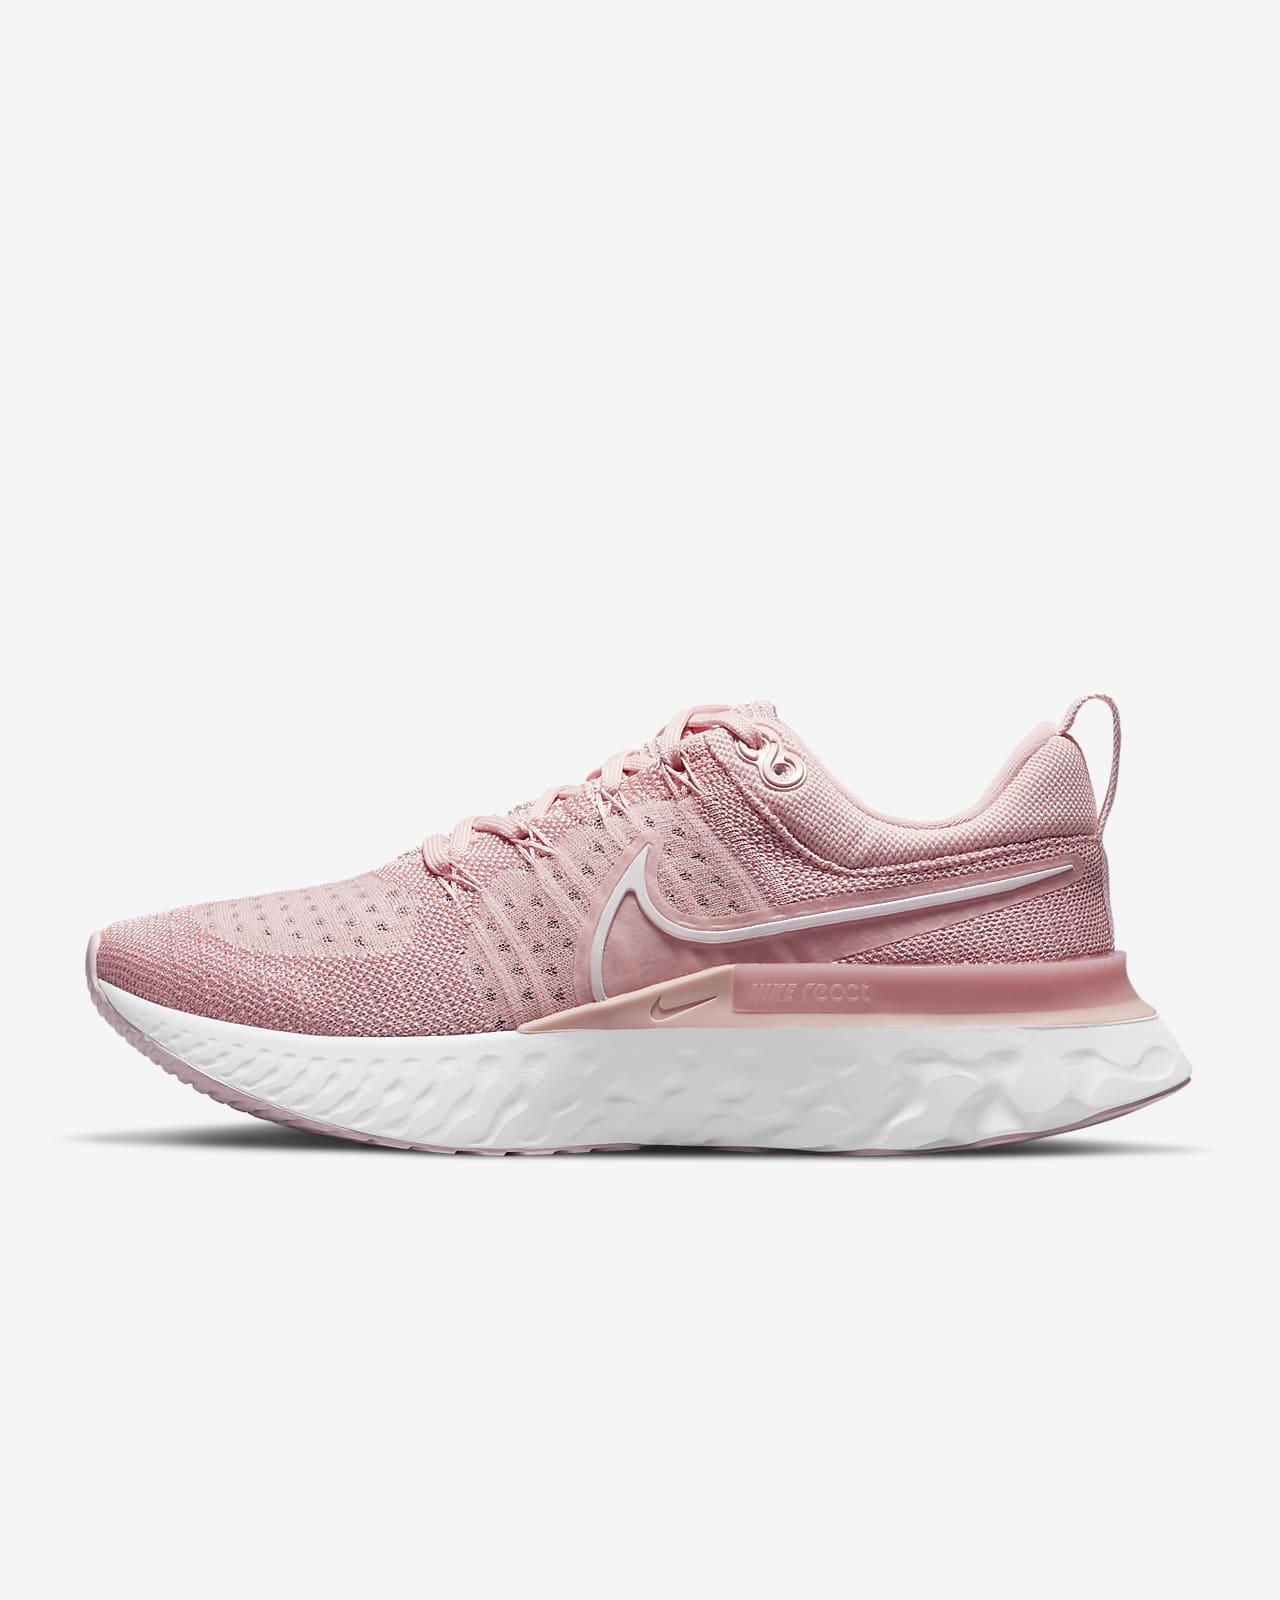 Женские кроссовки для бега по шоссе Nike React Infinity Run Flyknit 2